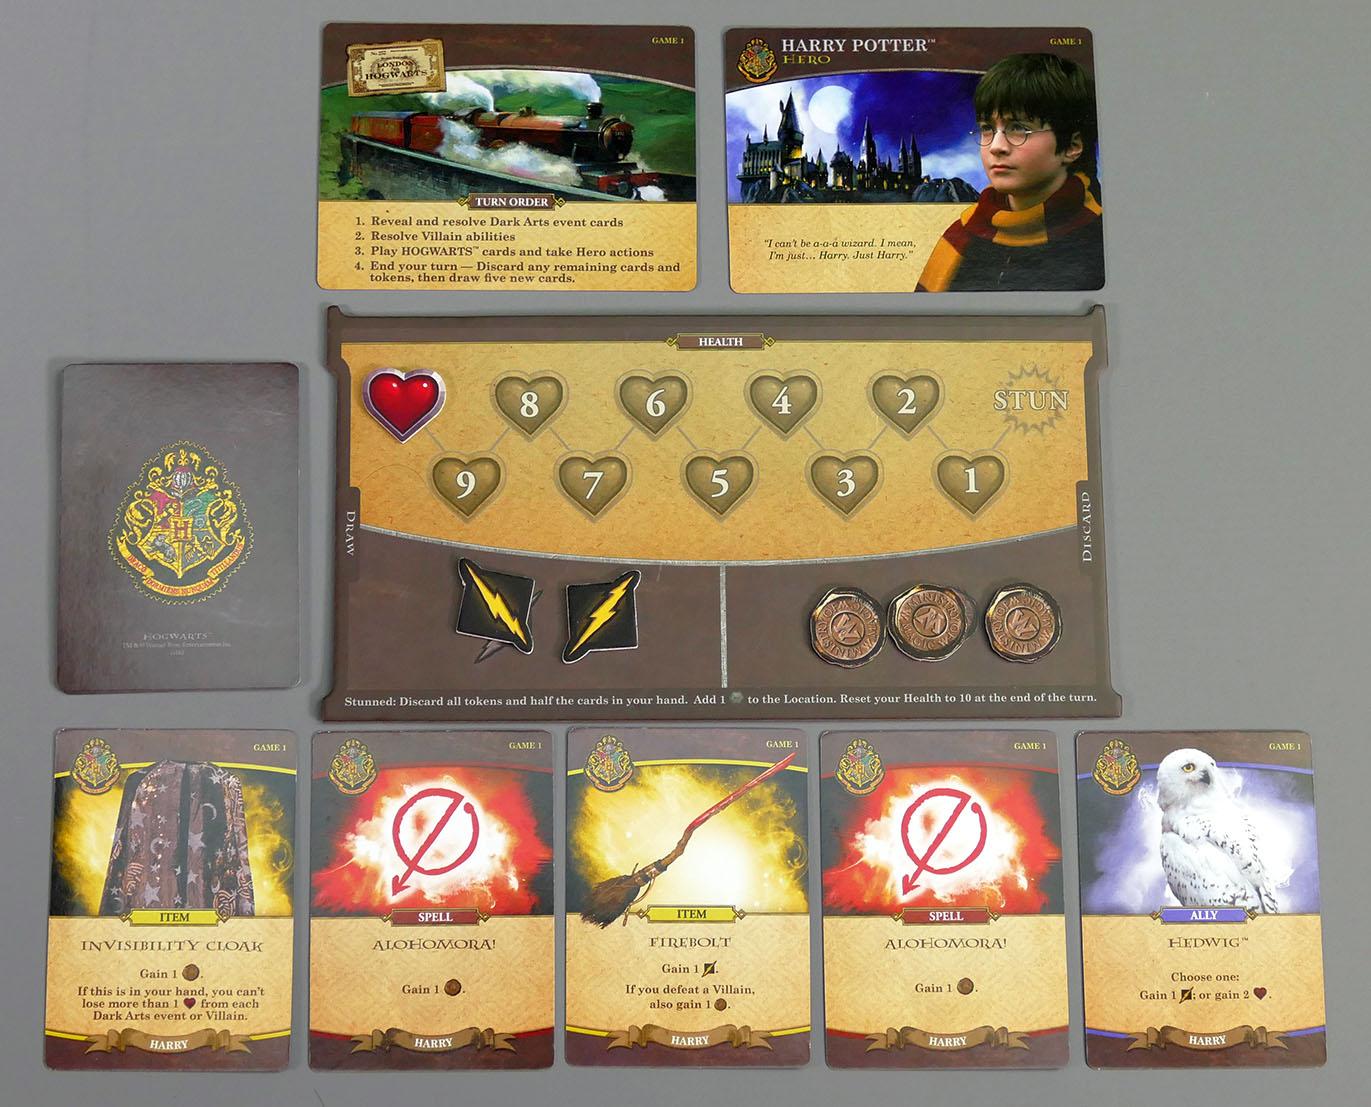 Hogwarts Battle Spielerbereich